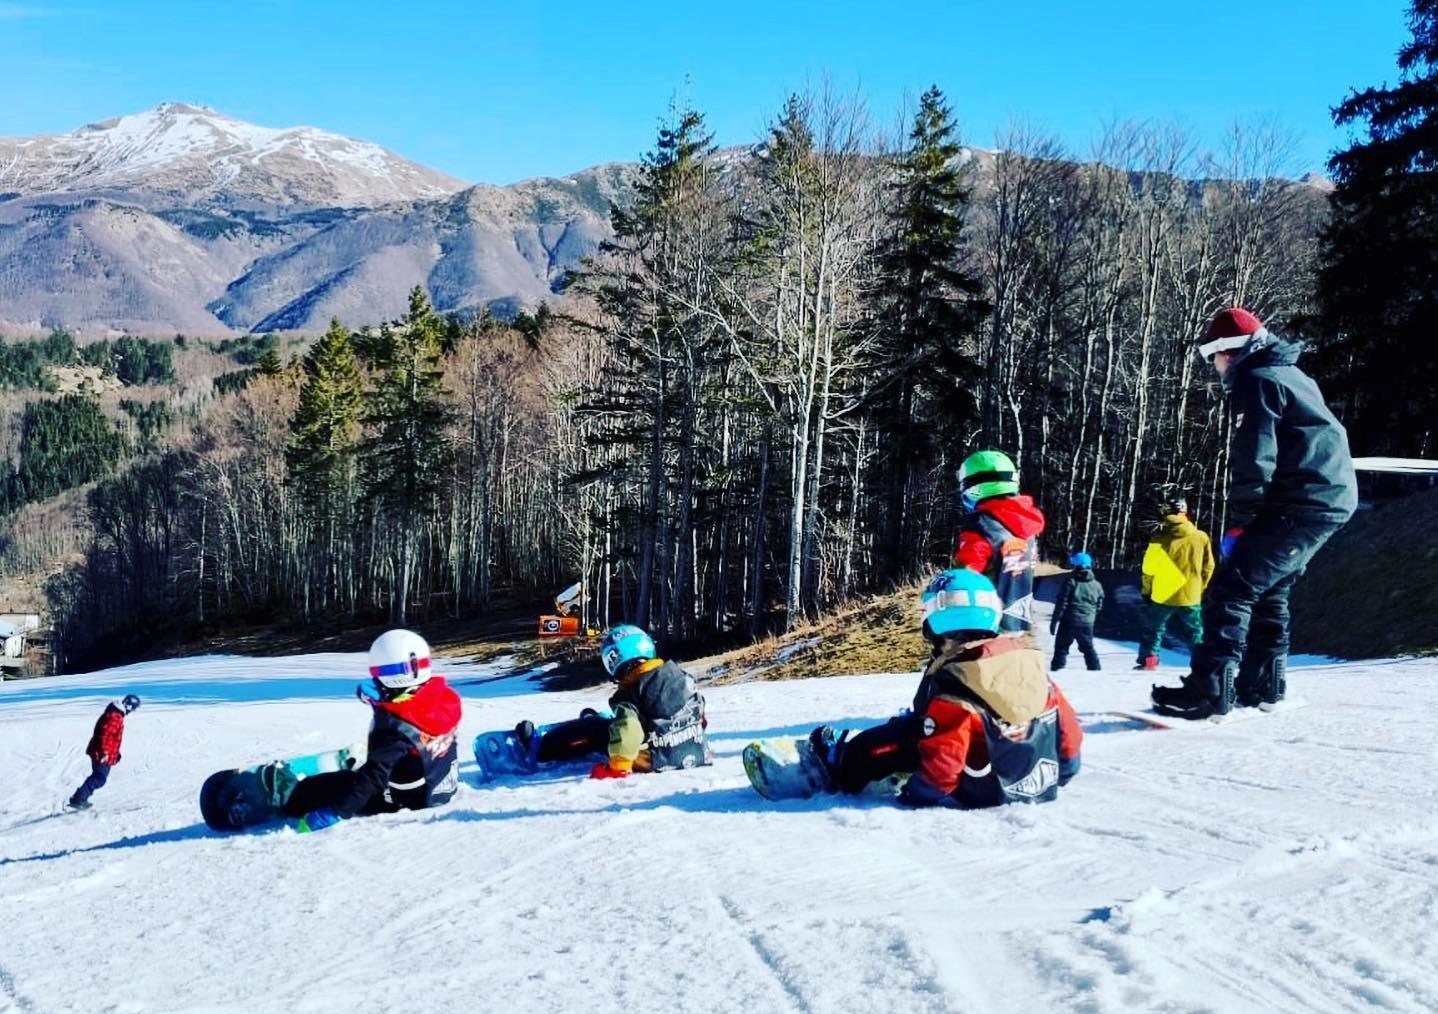 Lezione privata di snowboard per bambini ad Abetone